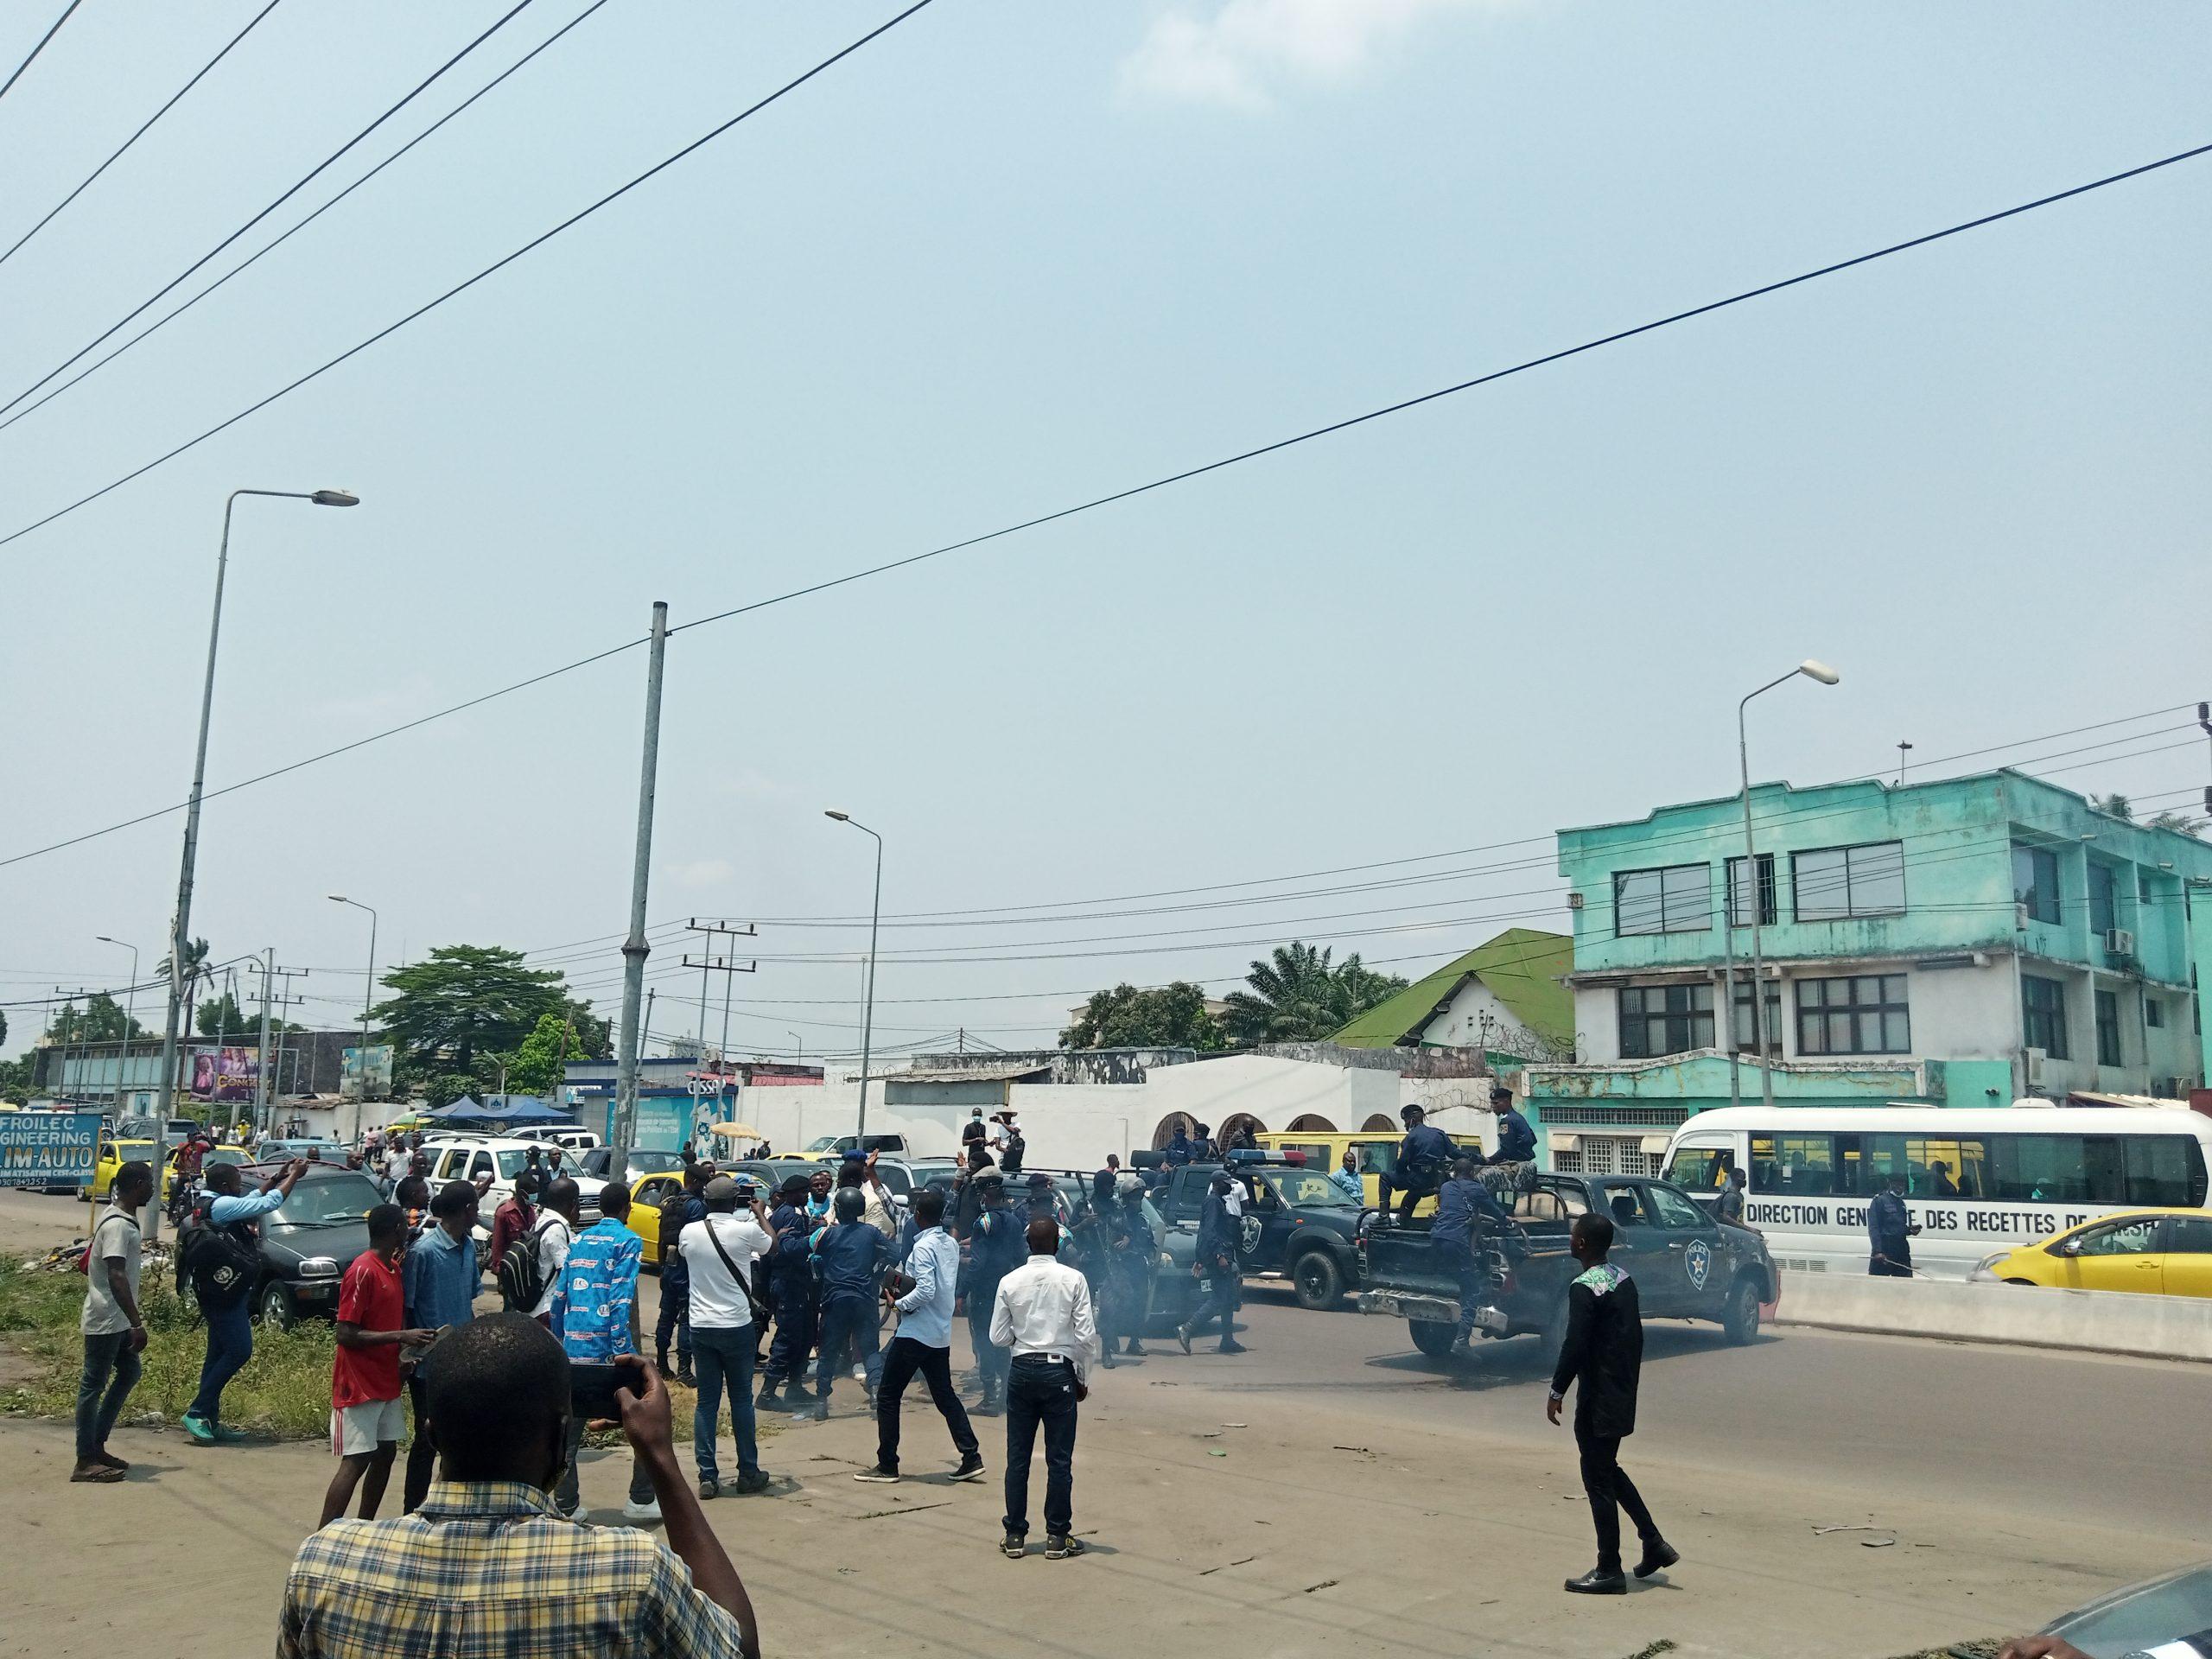 Marche anti-Karega : Après plusieurs tentatives d'empêchement, les mouvements citoyens déposent leur mémo